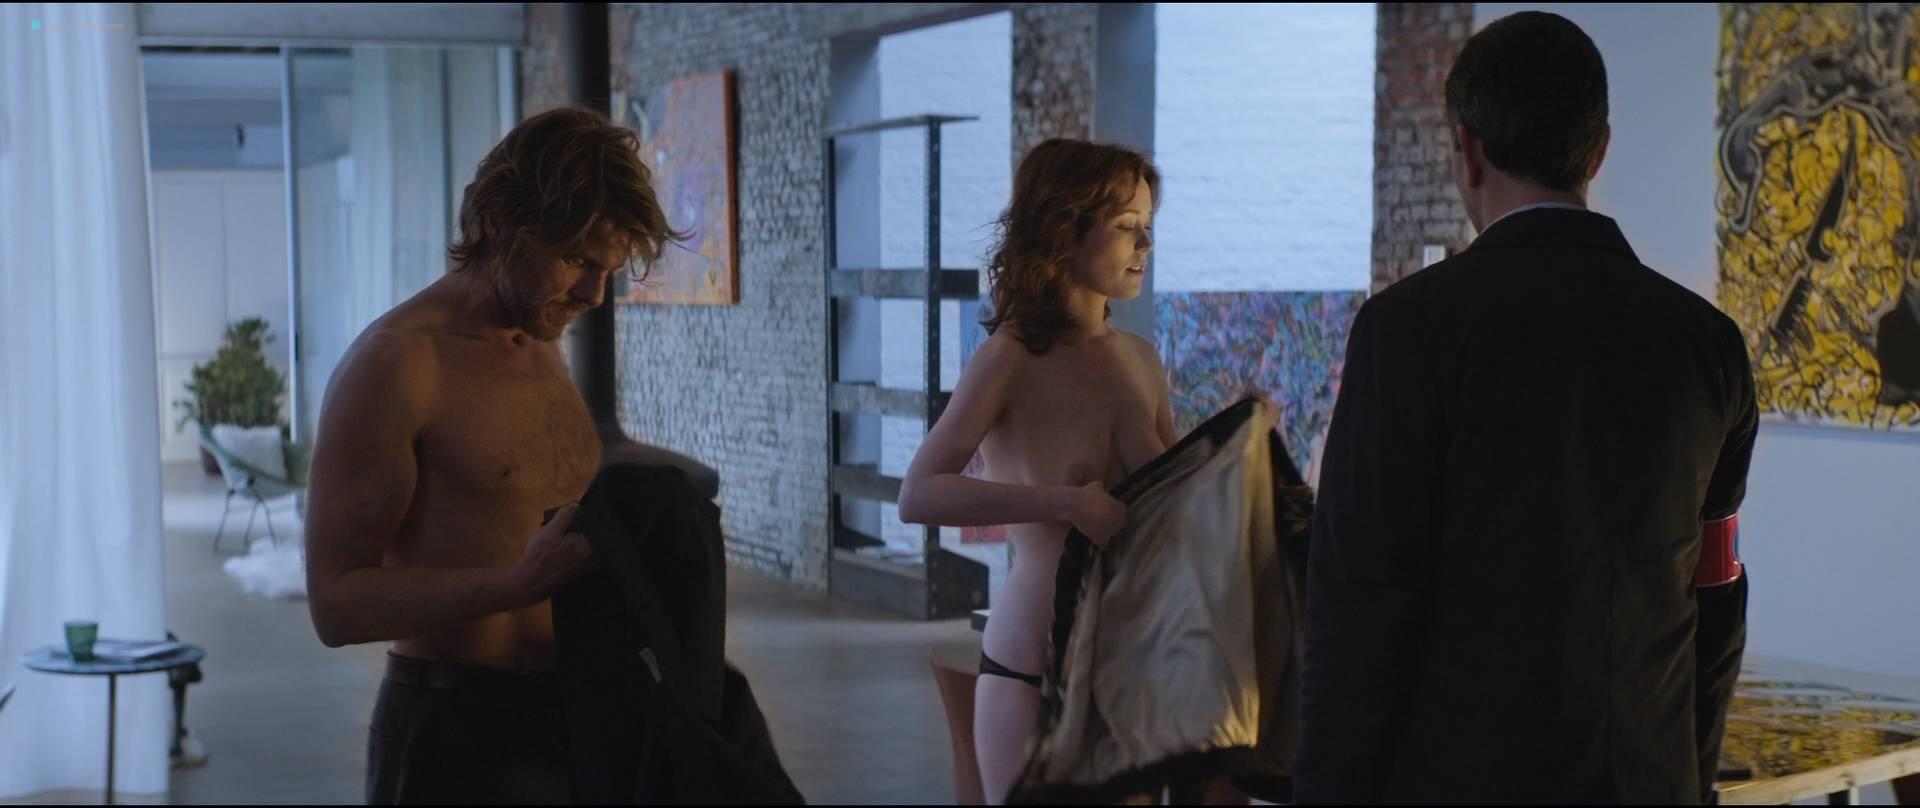 Sofie-Hoflack-nude-topless-and-hot-sex-Het-Tweede-Gelaat-BE-2017-HD-1080p-011.jpg